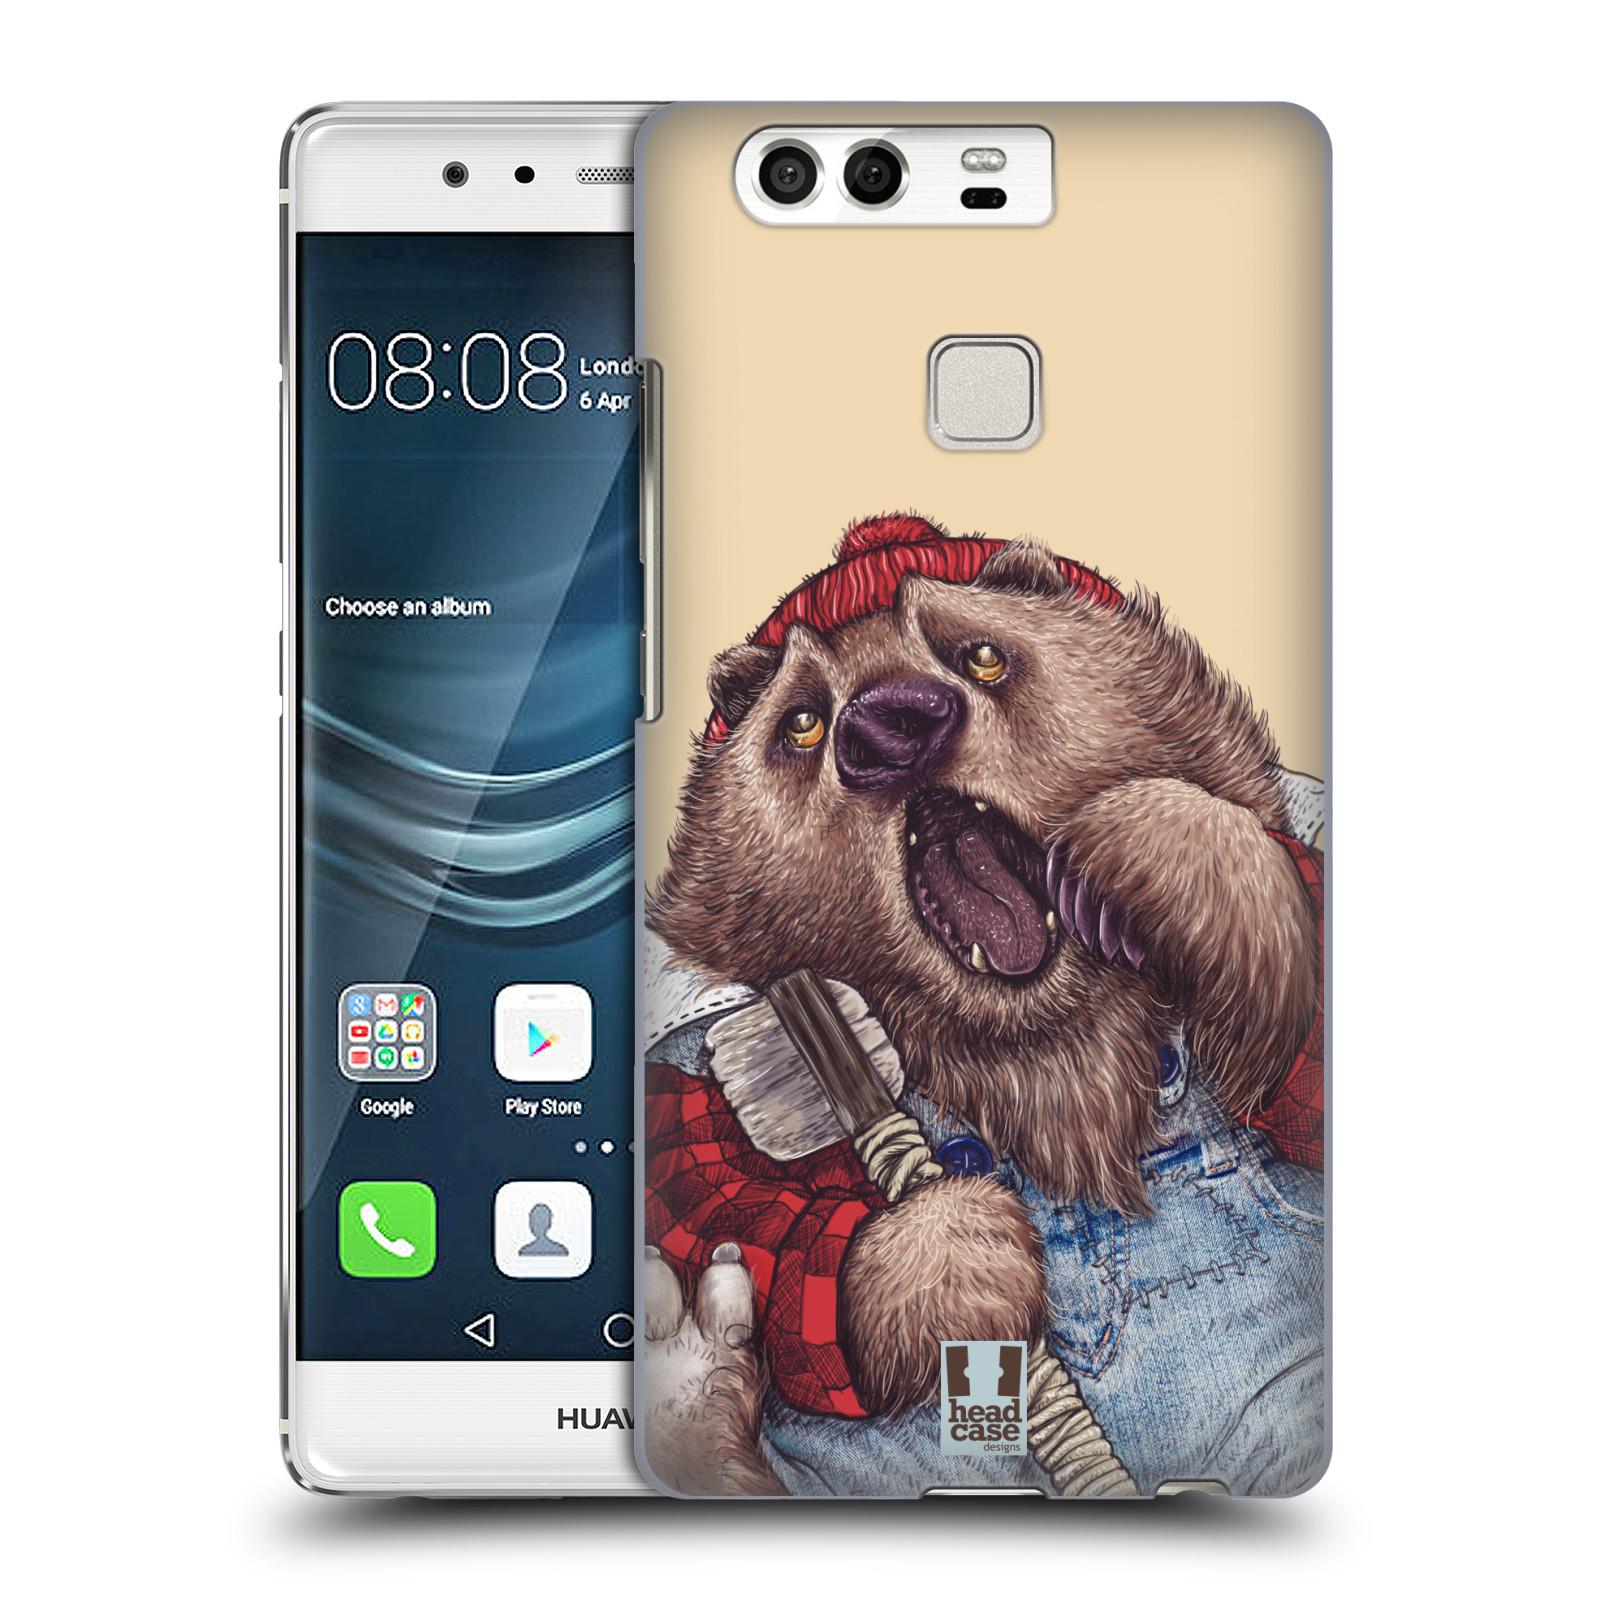 HEAD CASE plastový obal na mobil Huawei P9 / P9 DUAL SIM vzor Kreslená zvířátka medvěd